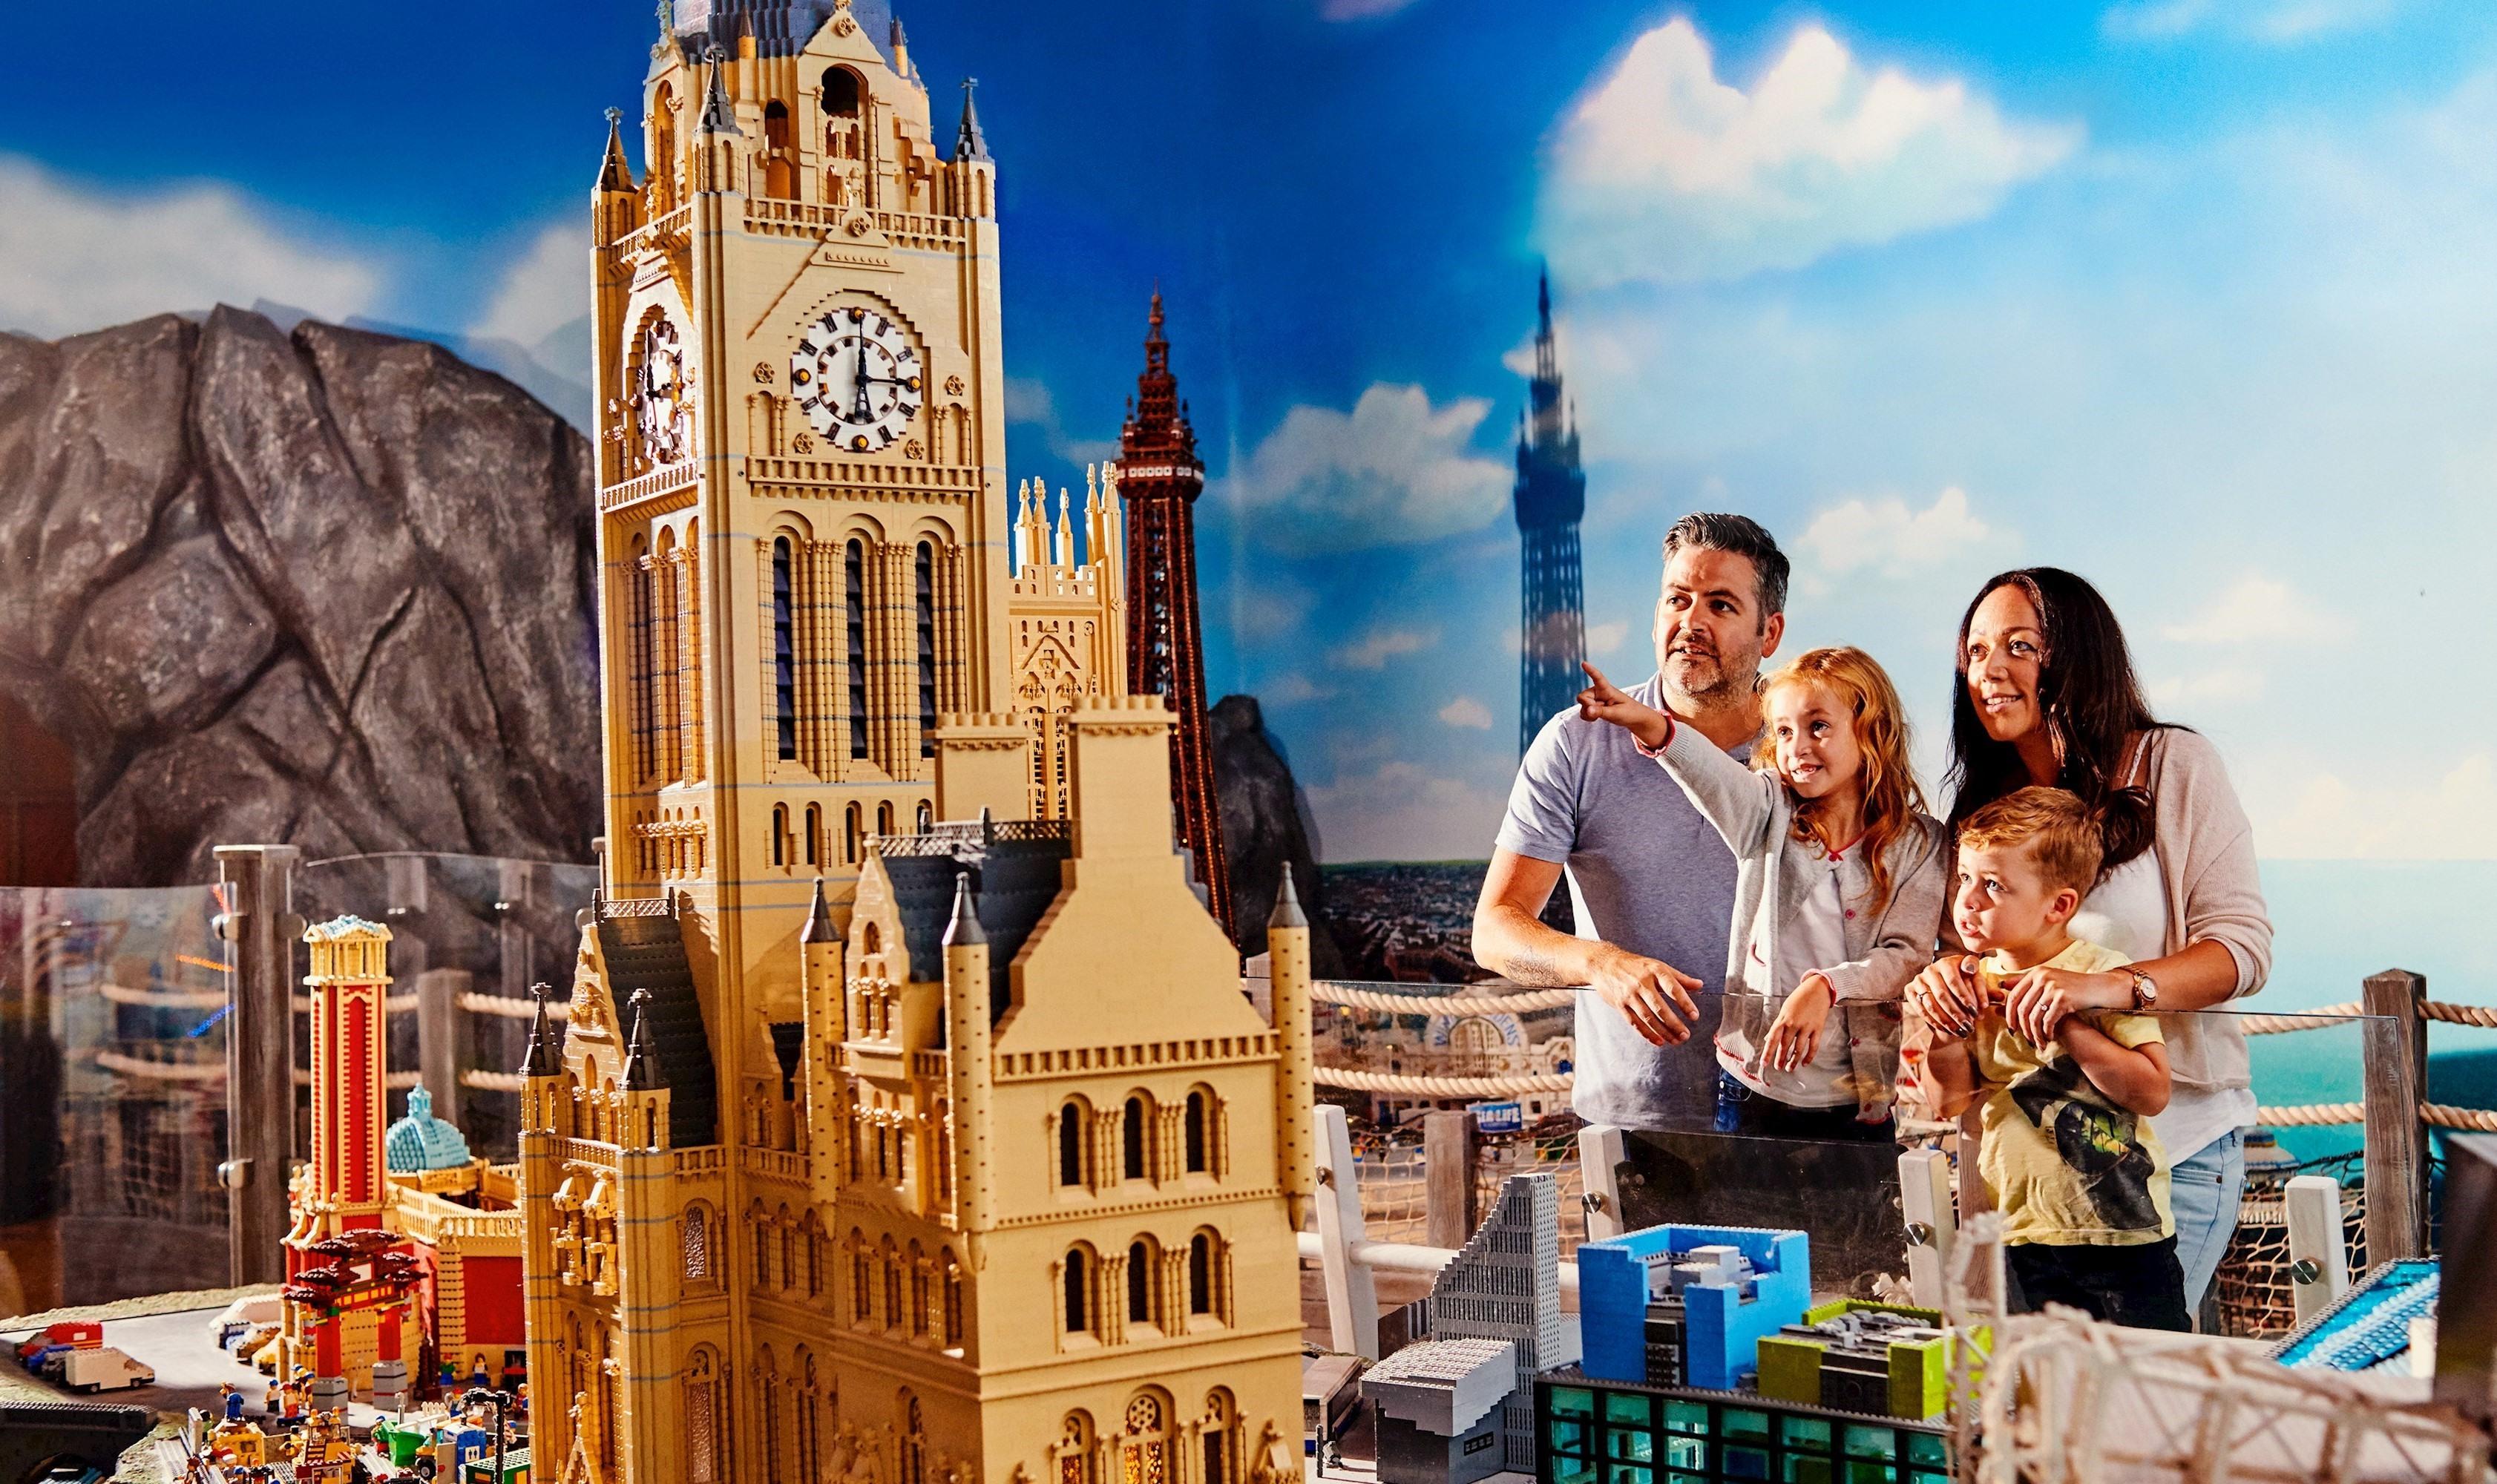 Visita a Legoland Discovery Center